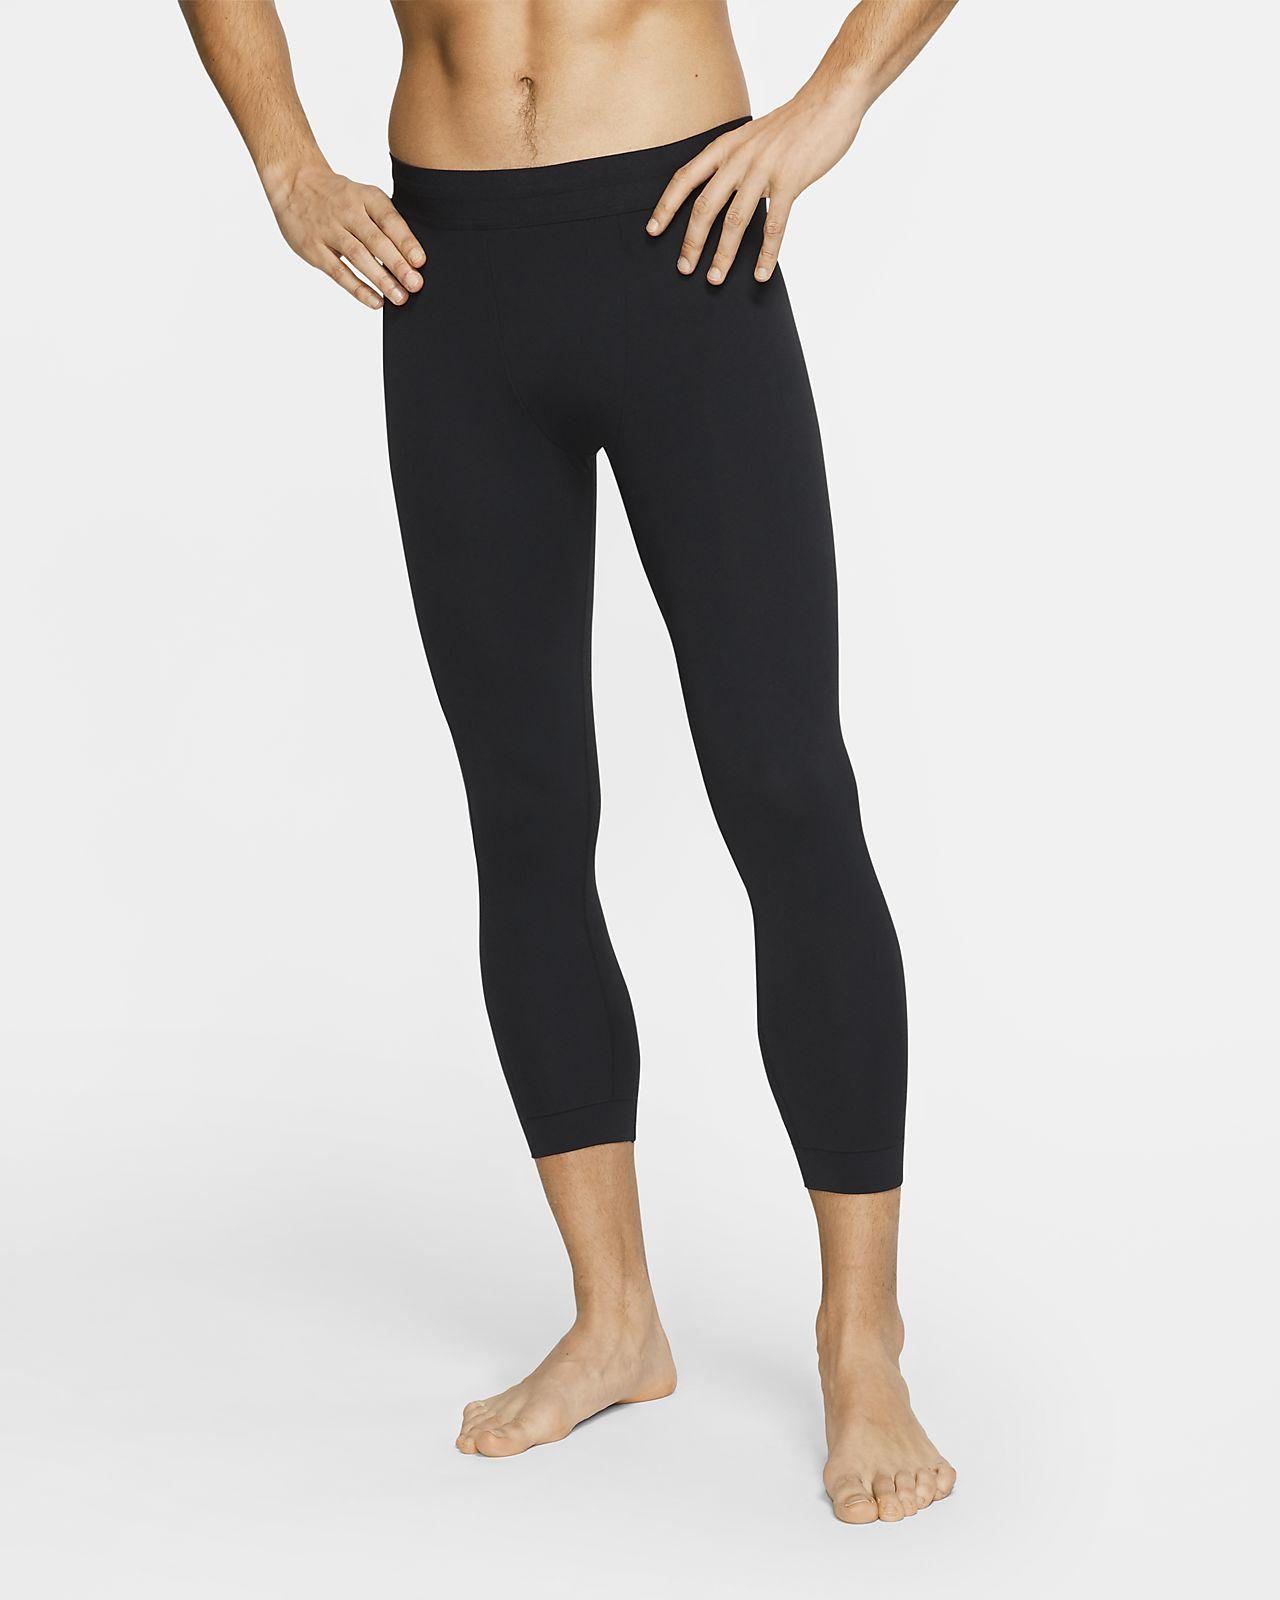 Pánské tříčtvrteční legíny Nike Yoga